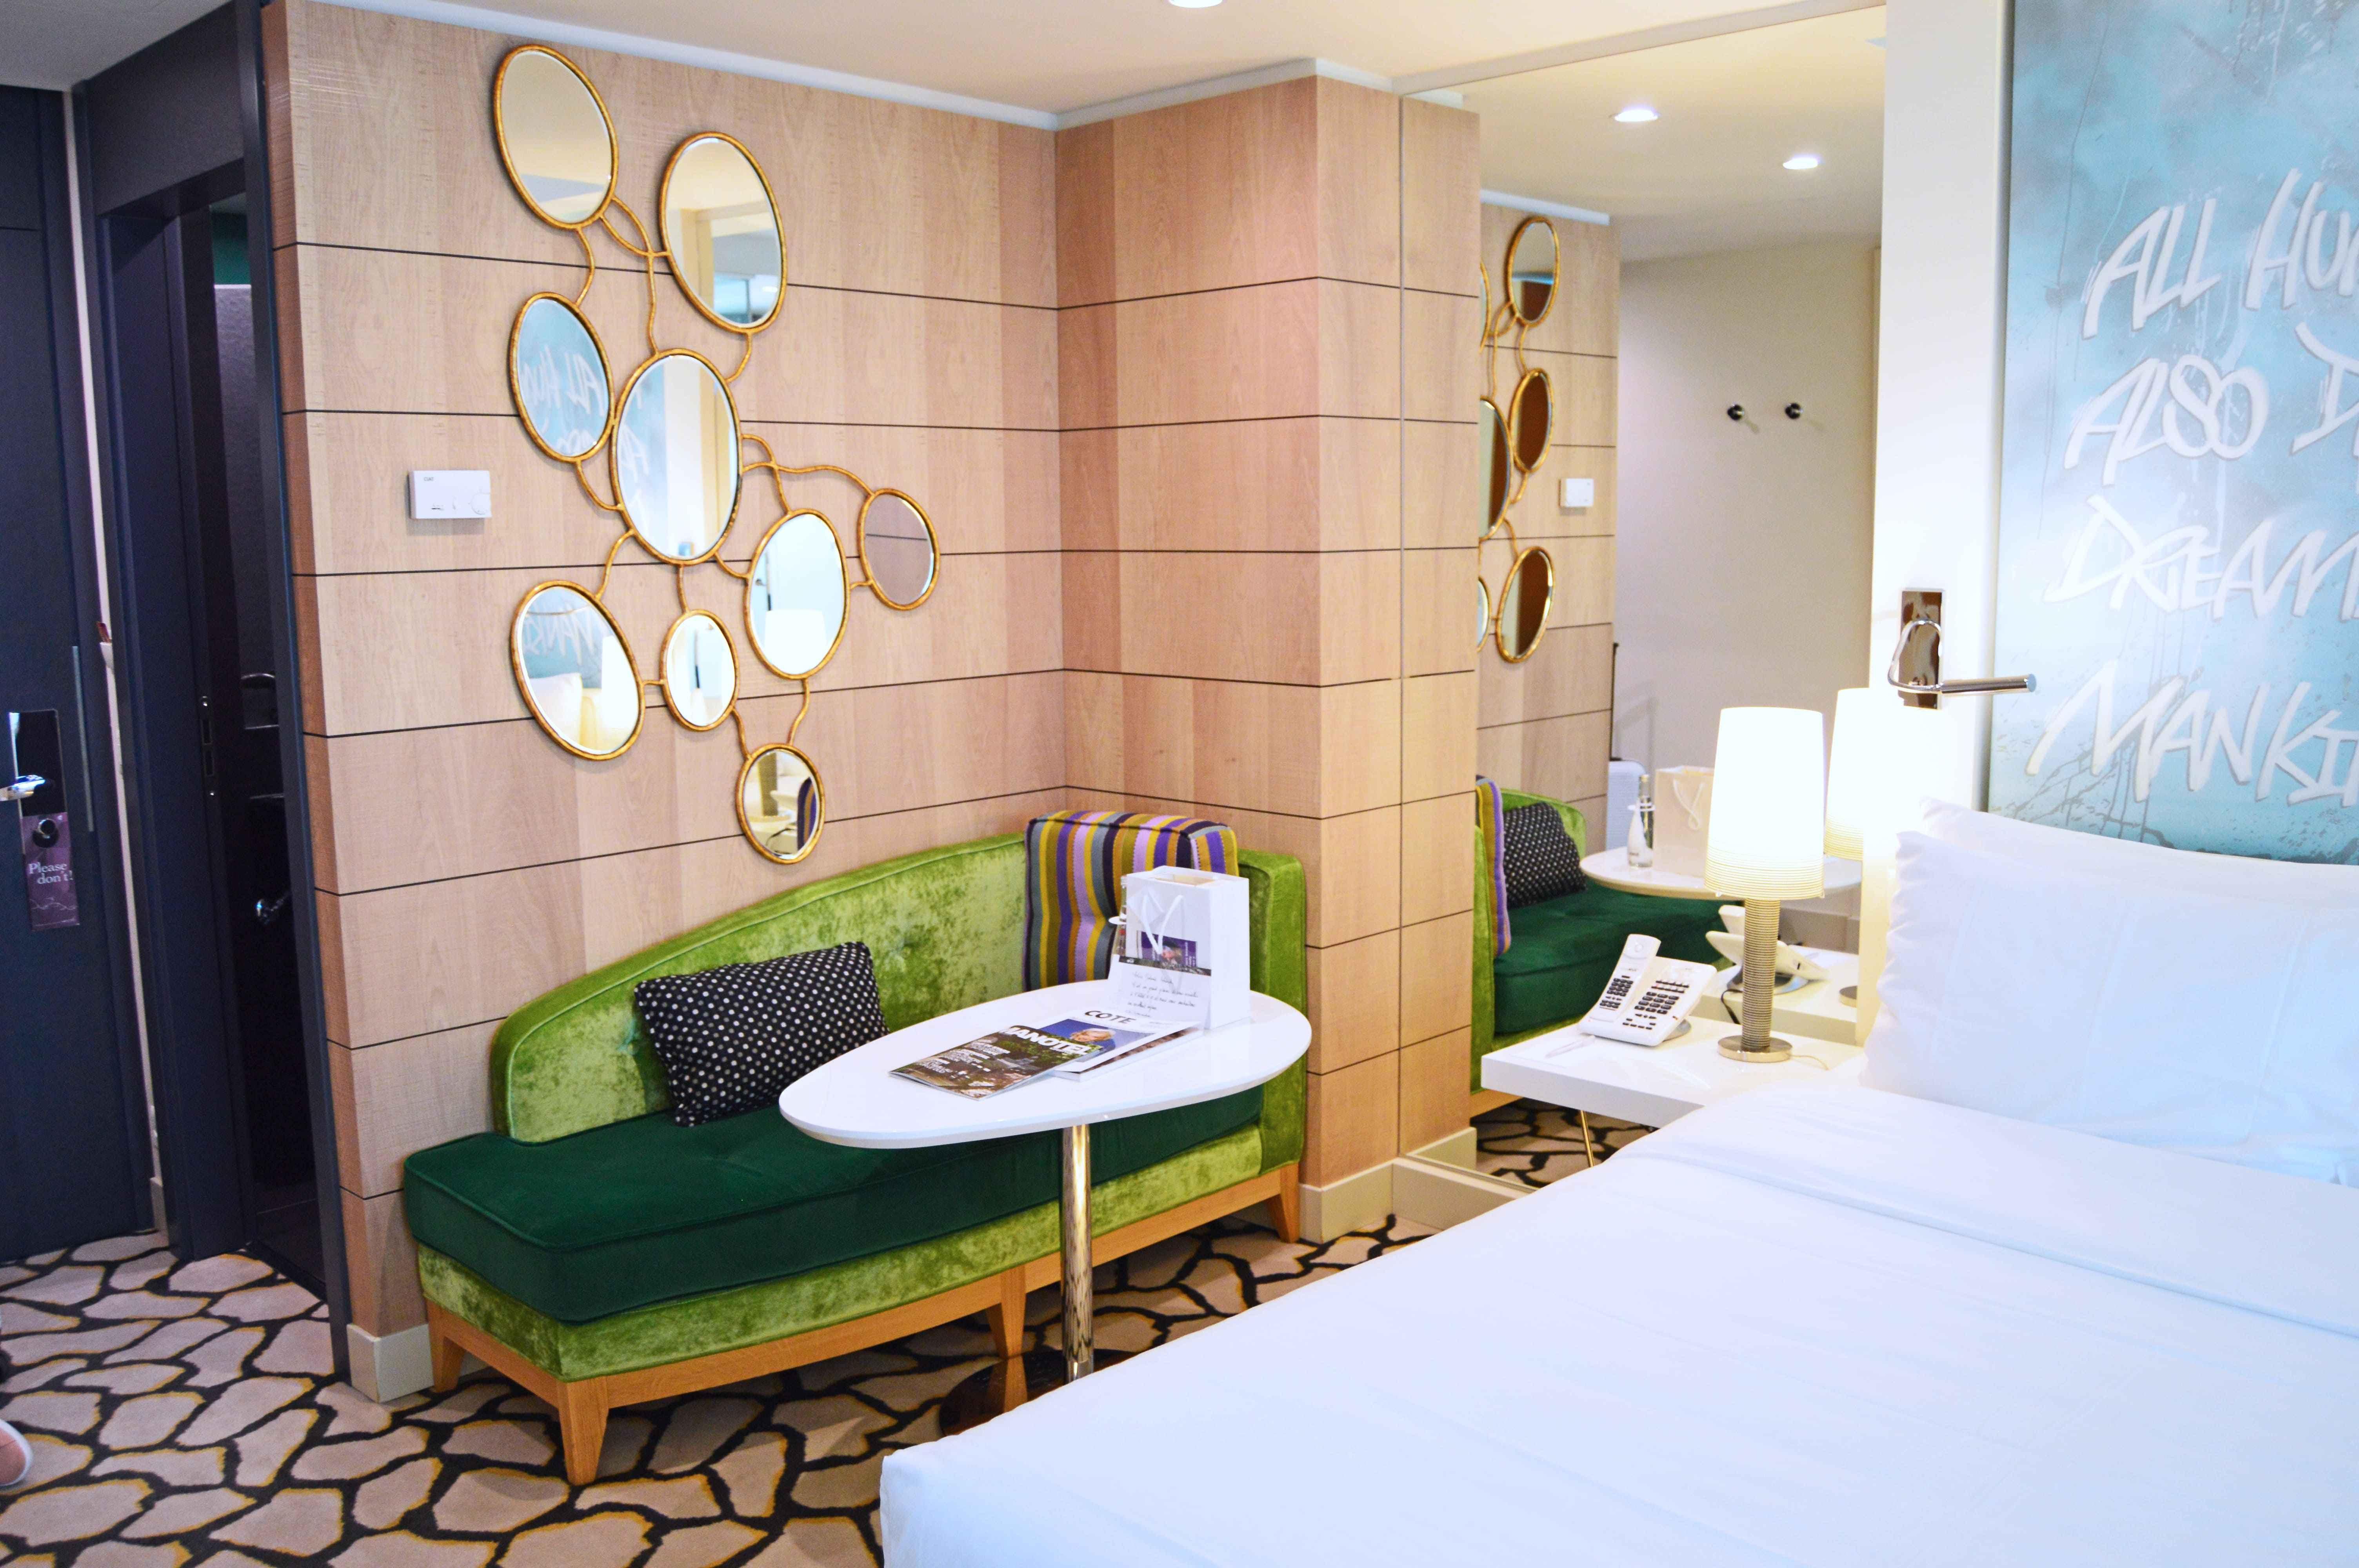 Hotel N'vY Geneva